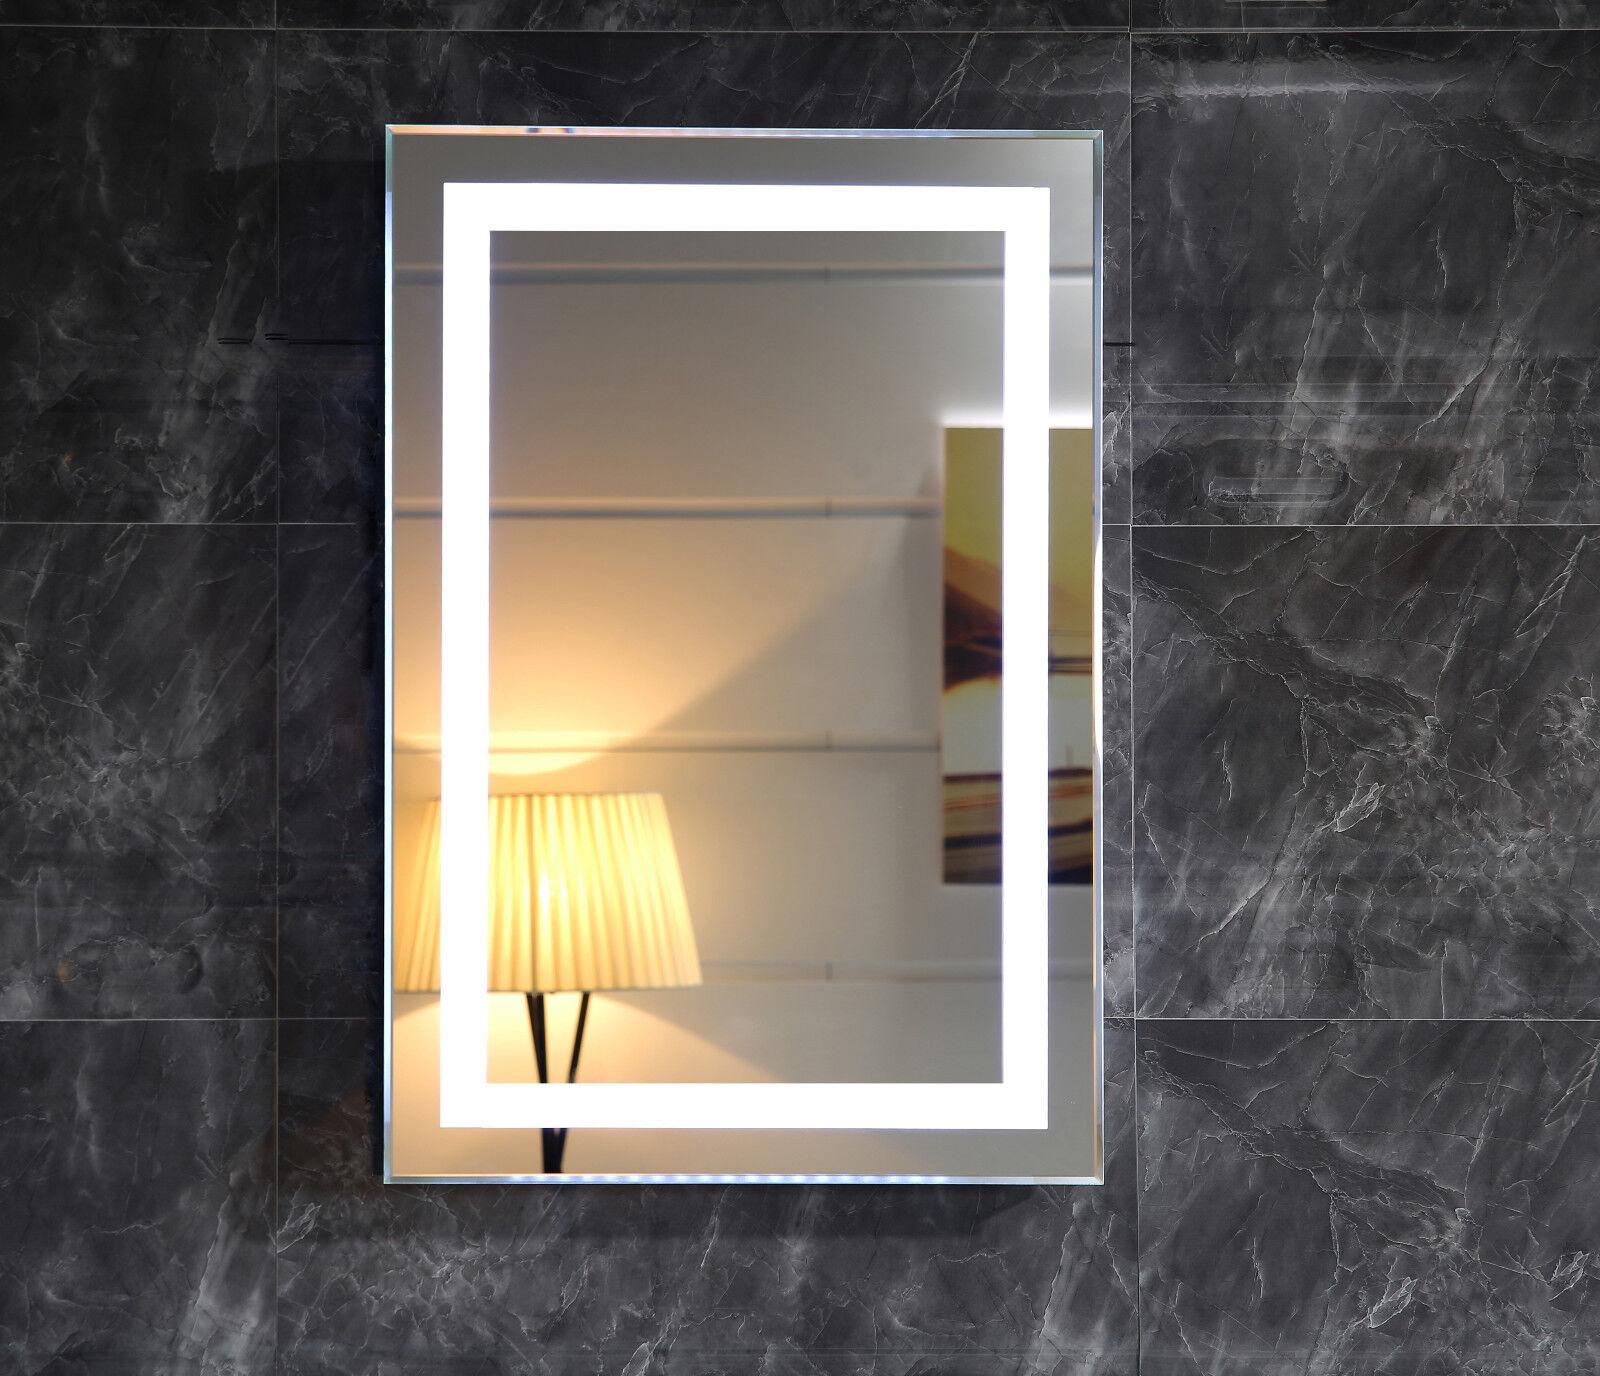 LED-Beleuchtung Wandspiegel GS099N Lichtspiegel Badspiegel Badzimmerspiegel IP44